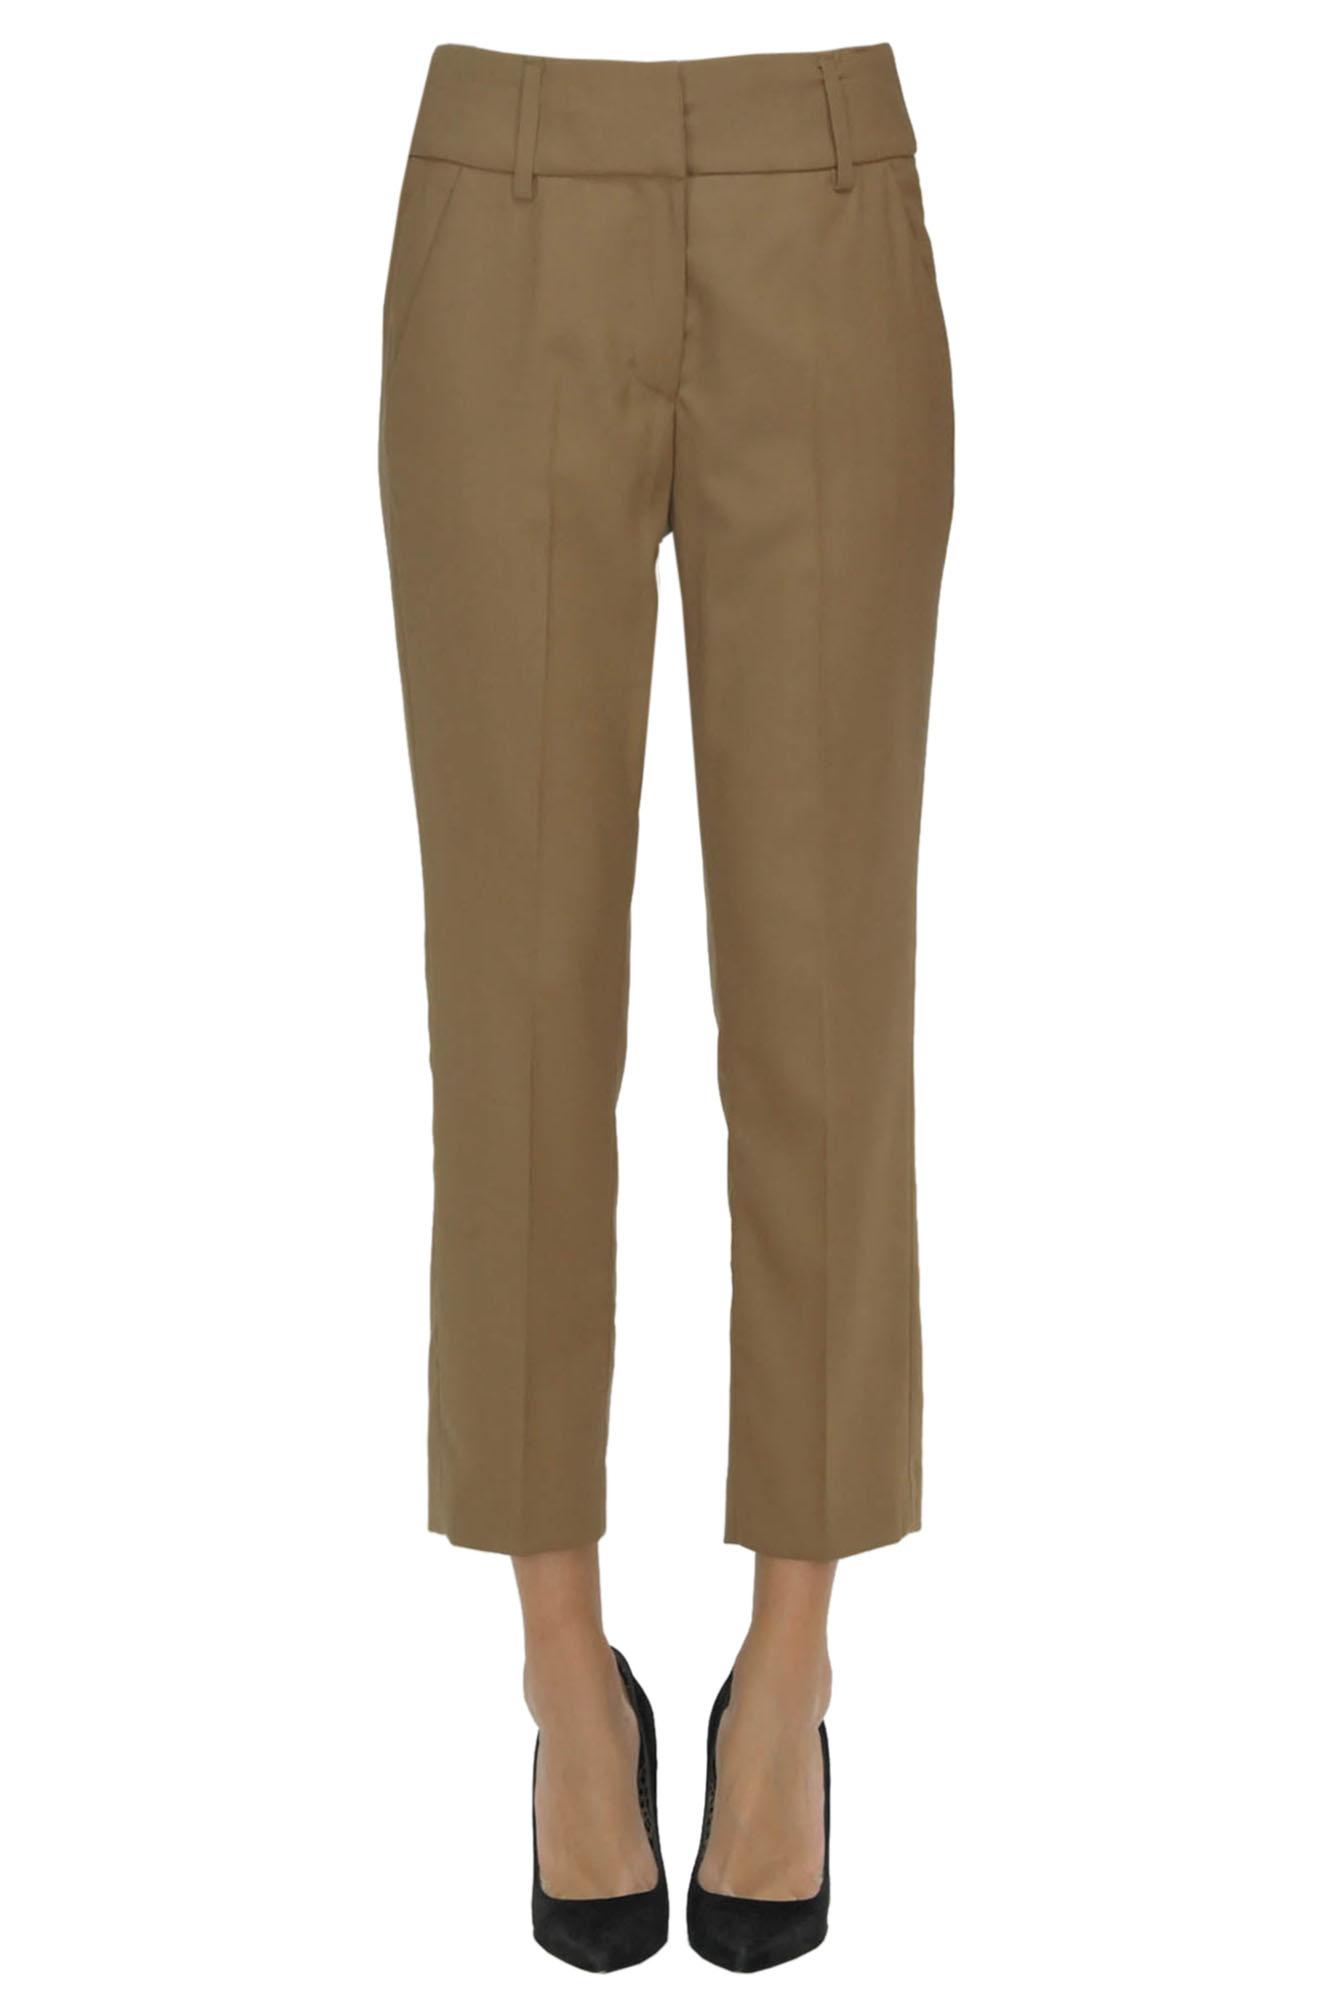 Image of Pantaloni Elegance in lana